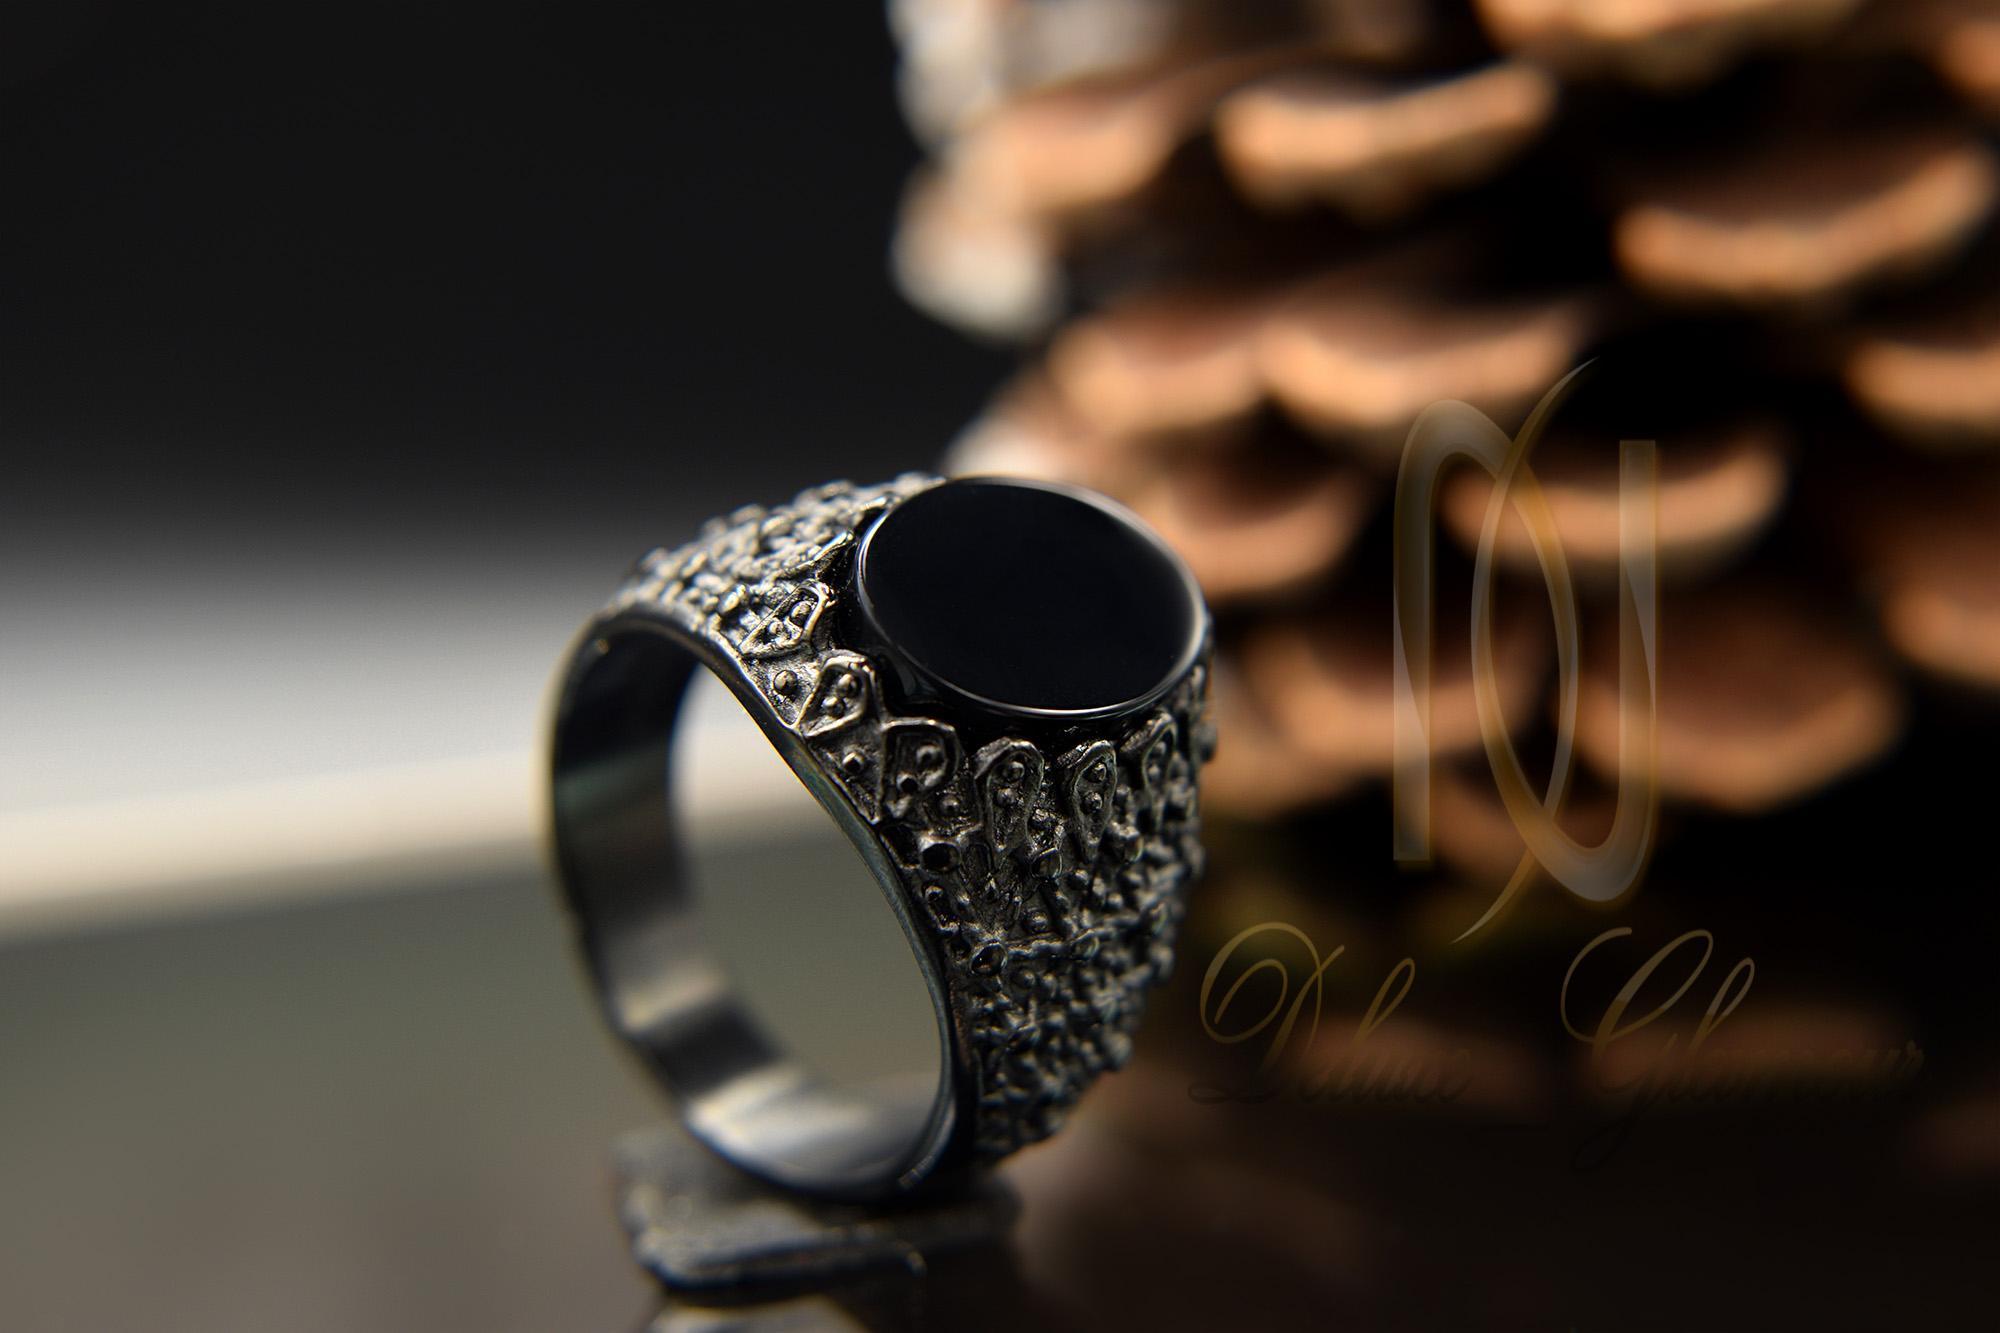 انگشتر مردانه خاص مشکی استیل rg-n282 از نمای دور